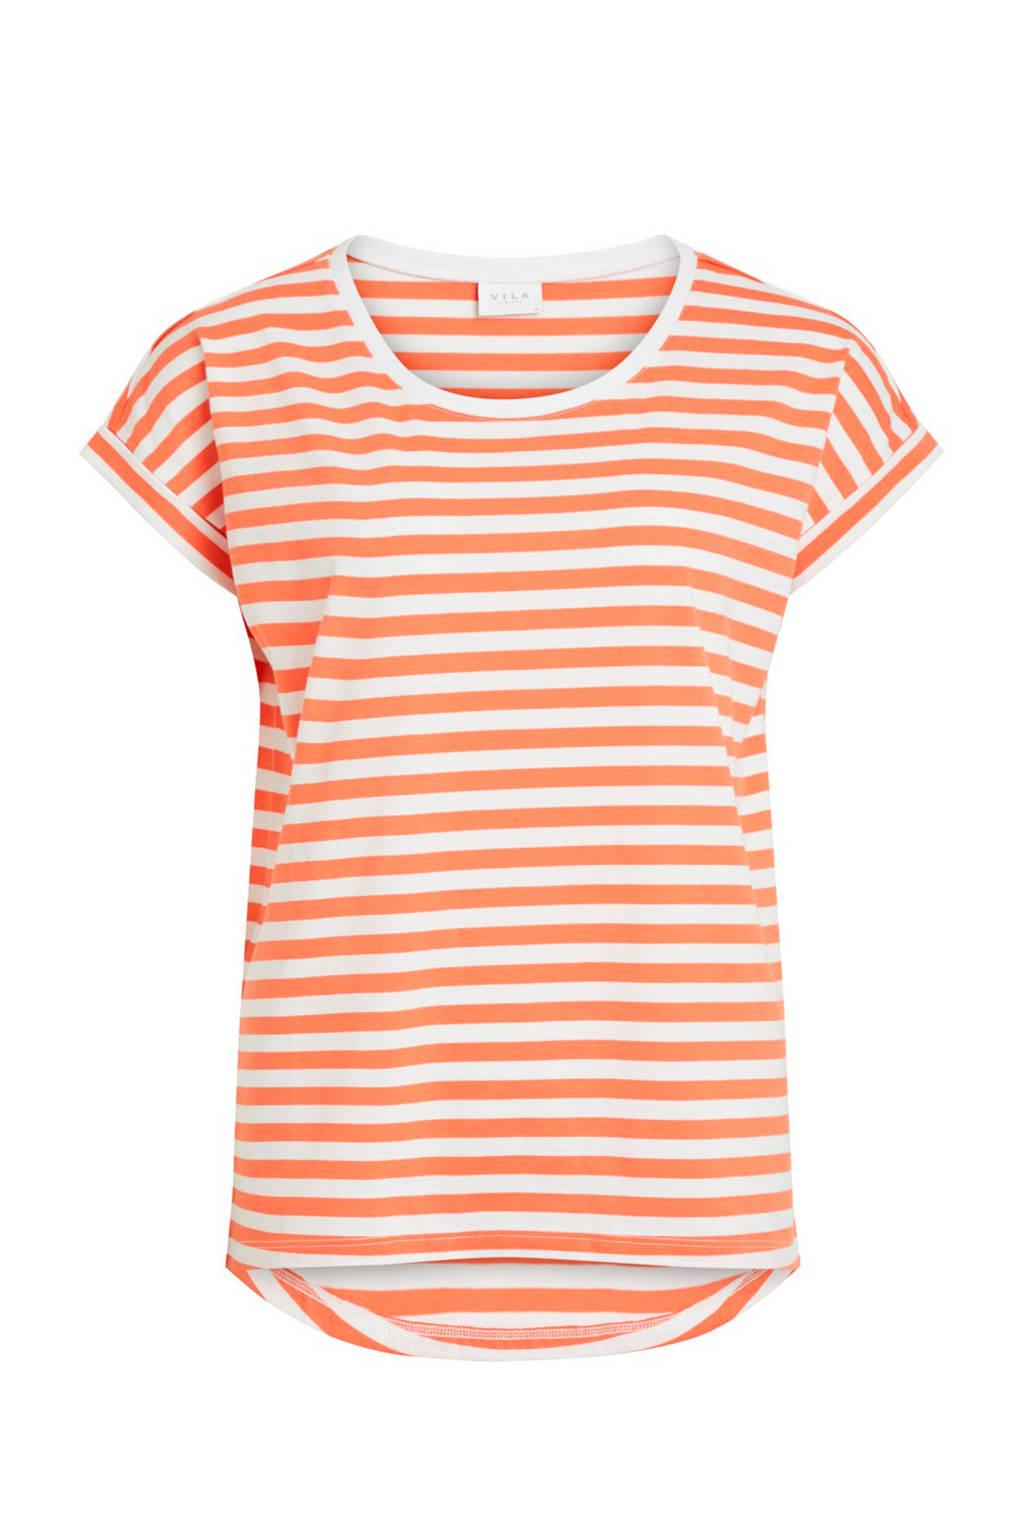 VILA gestreept T-shirt oranje, Oranje/wit